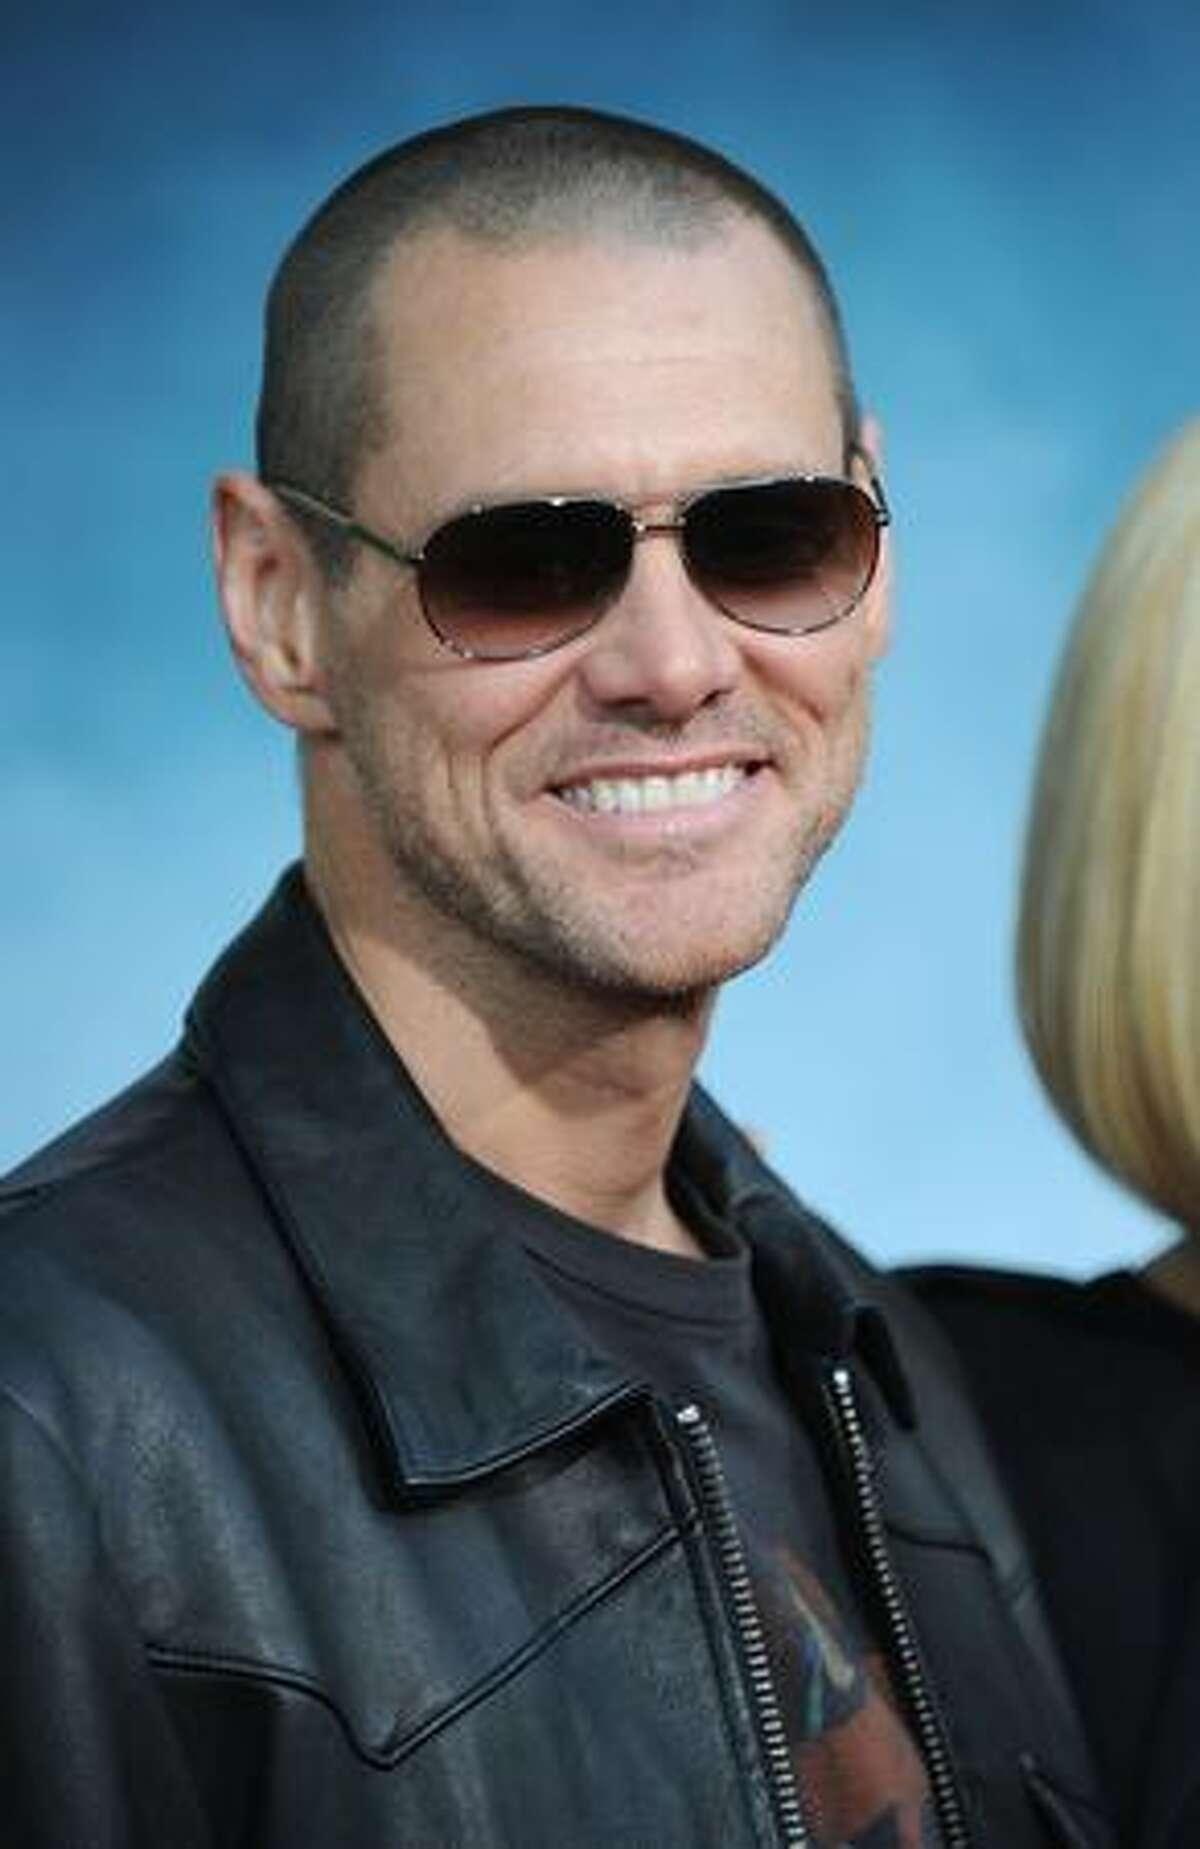 Actor Jim Carrey.